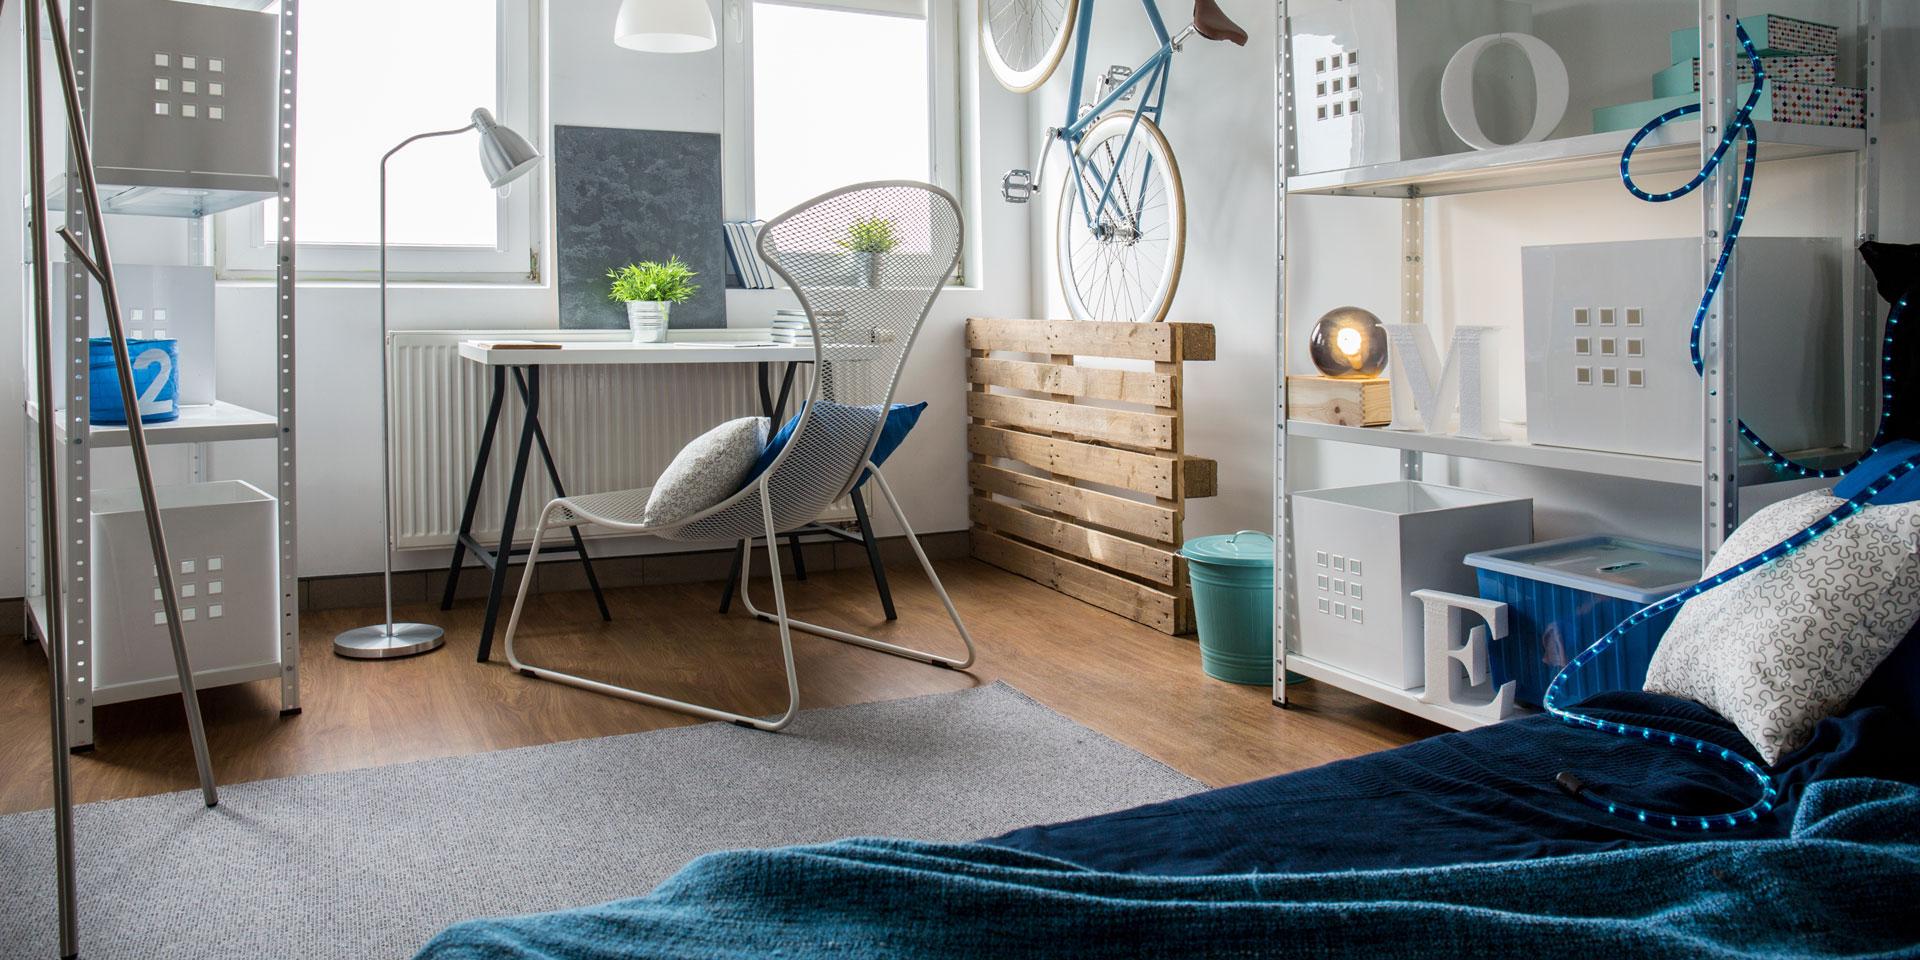 ¿Cómo amueblar tu habitación si no tienes mucho espacio?